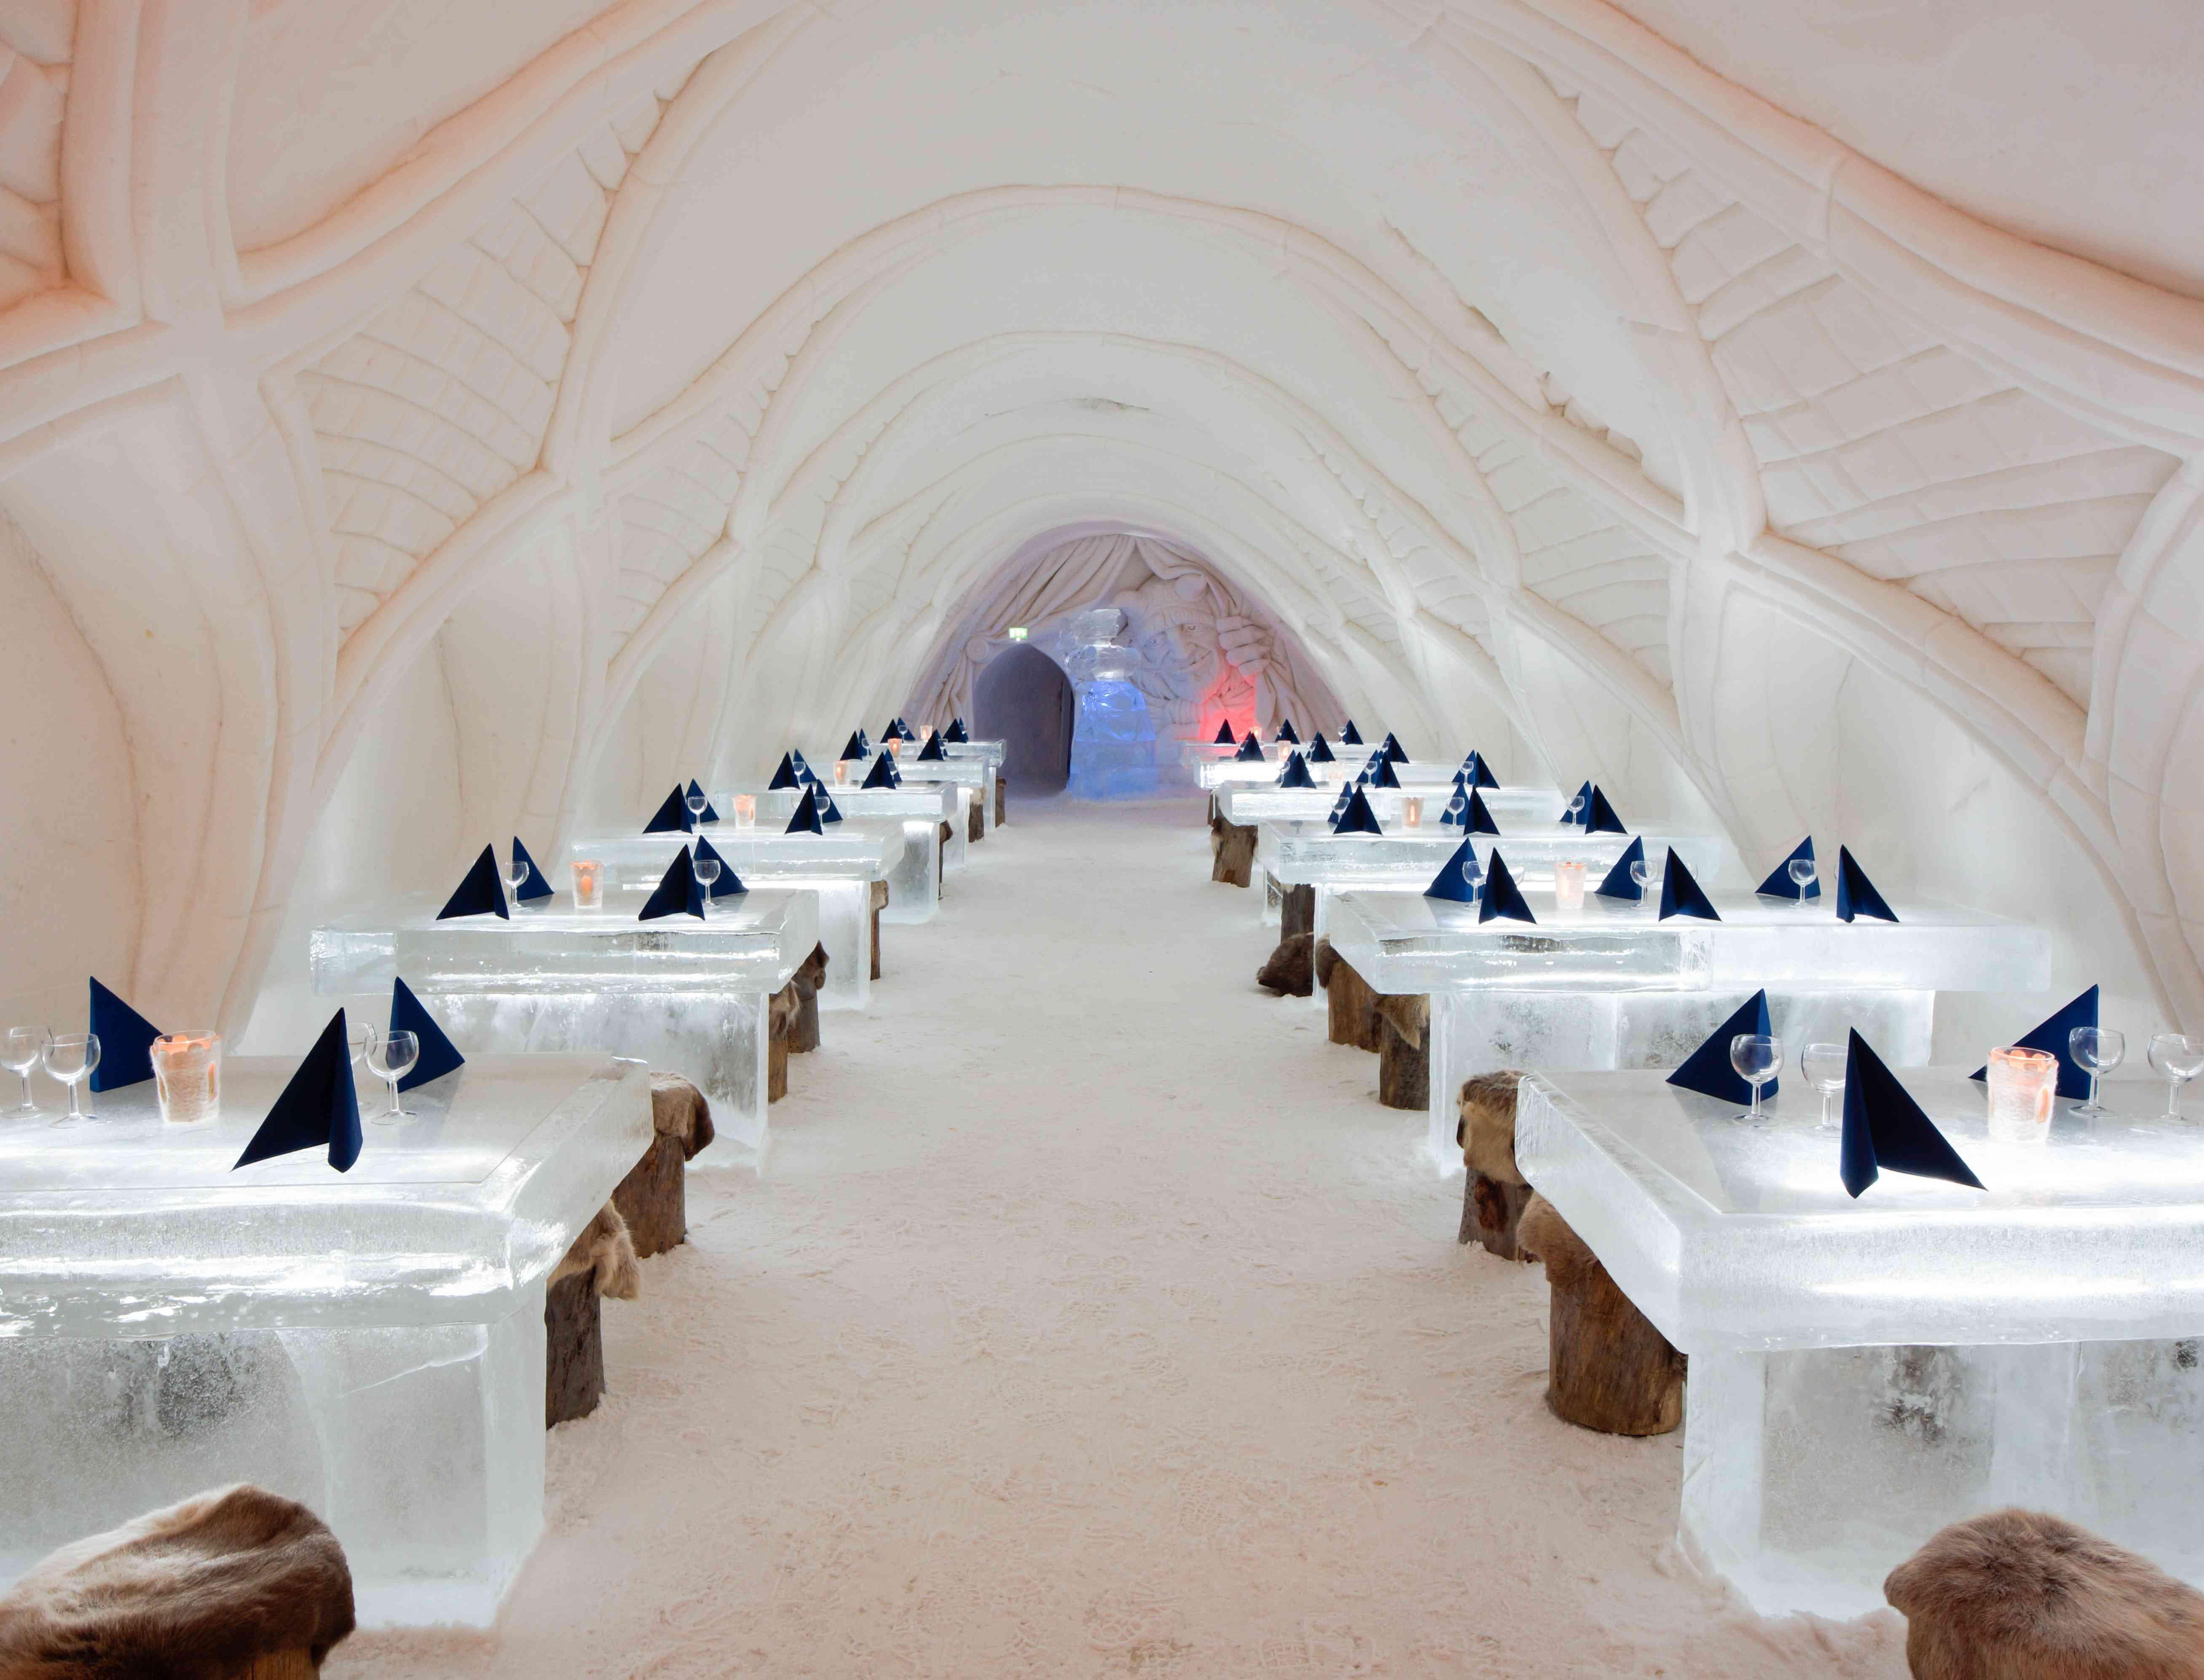 A wedding reception setup at Kemi SnowCastle